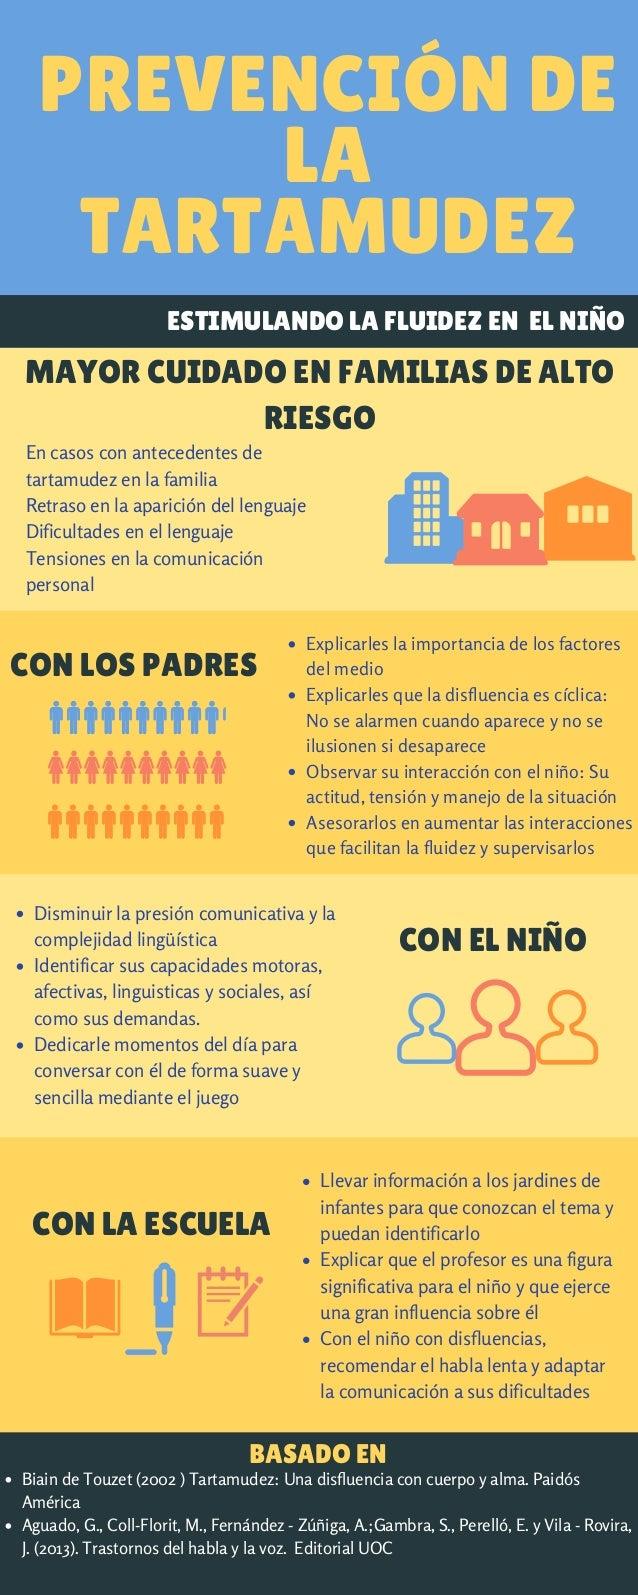 CON LOS PADRES En casos con antecedentes de tartamudez en la familia� Retraso en la aparici�n del lenguaje� Dificultades e...